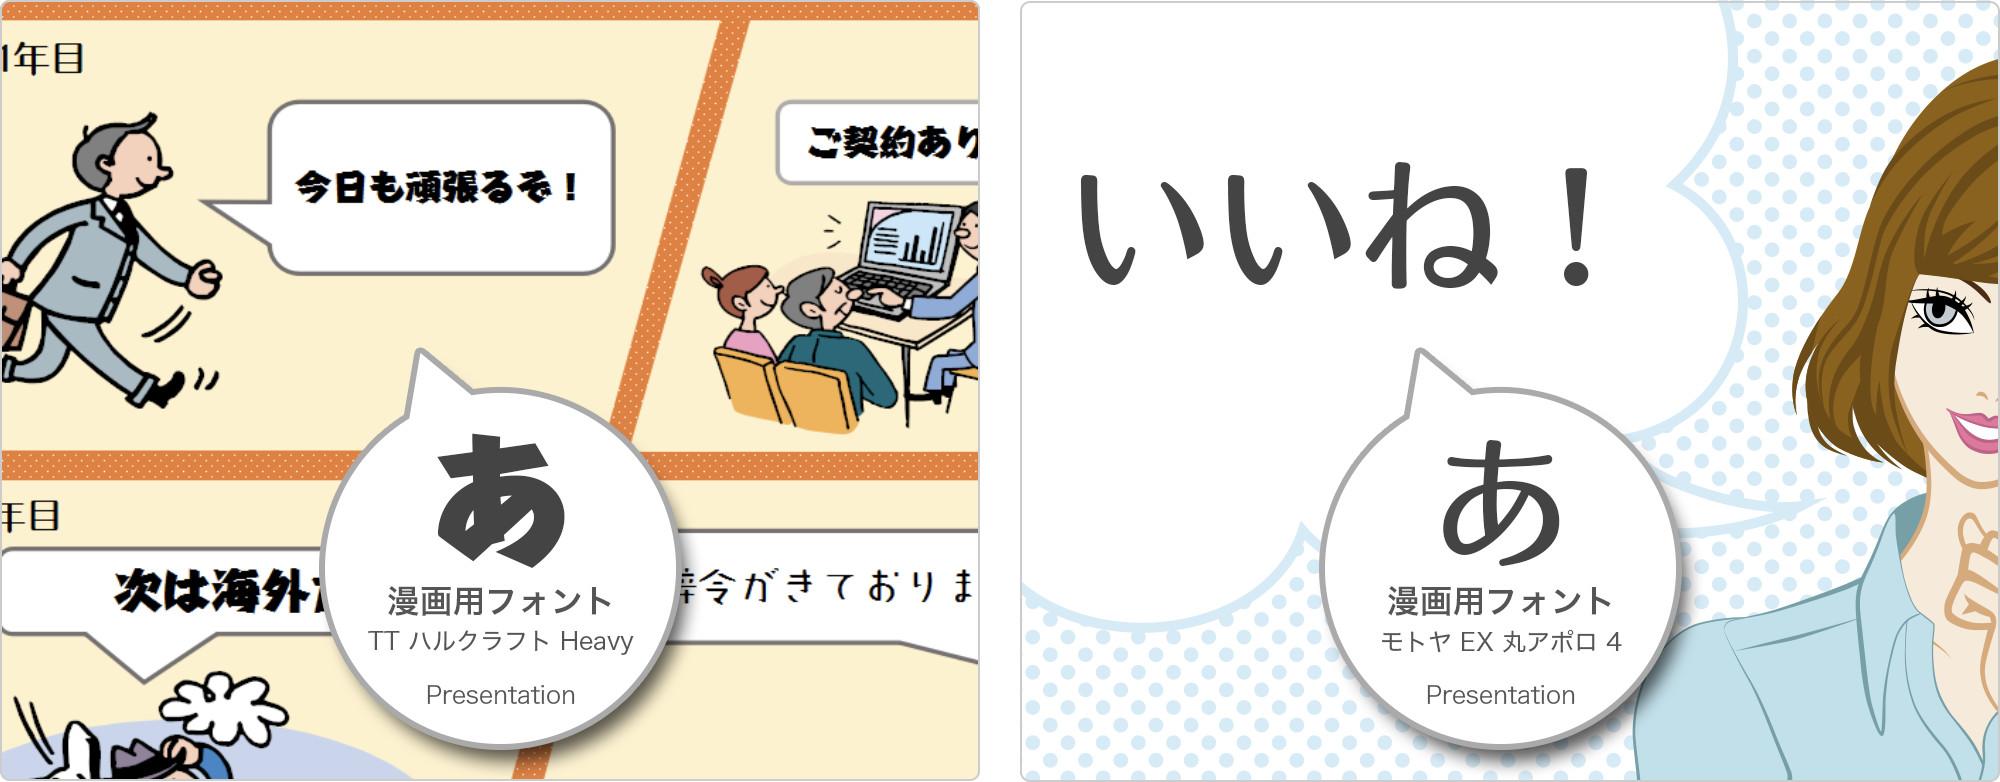 漫画の利用イメージ